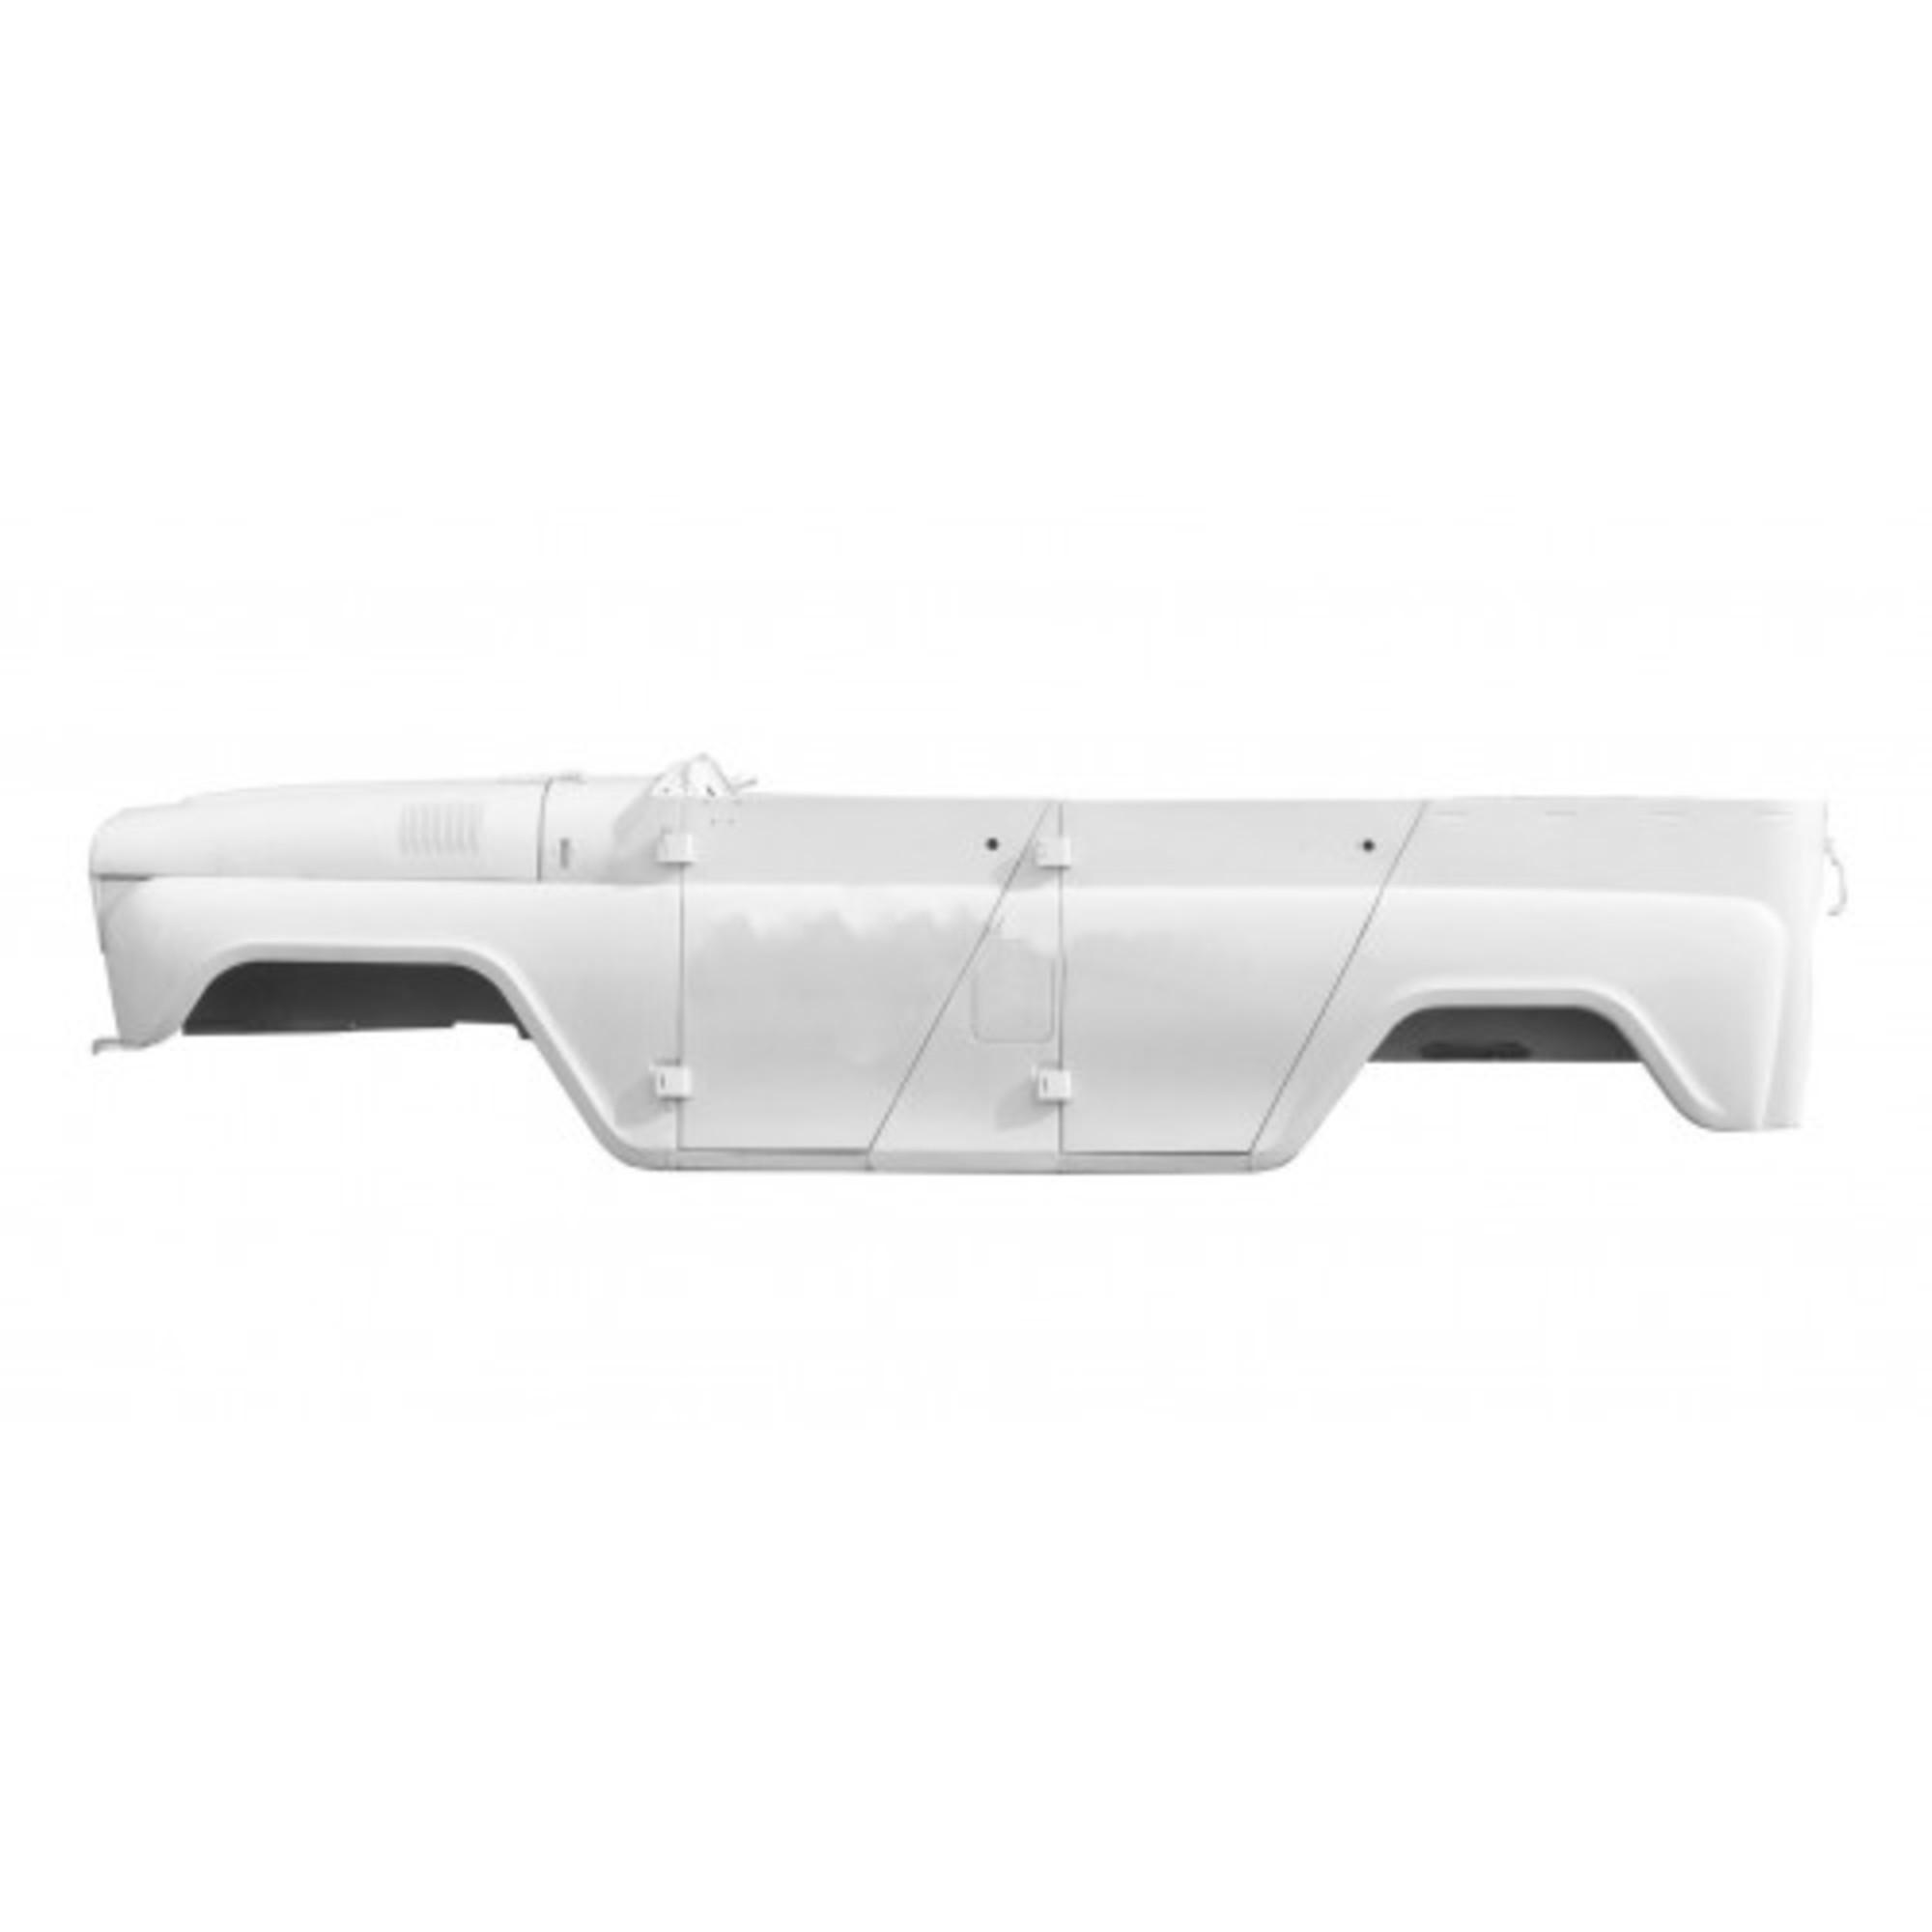 Каркас кузова УАЗ-31514 (легковой под крышу) белый арктика 31514-5000014-30